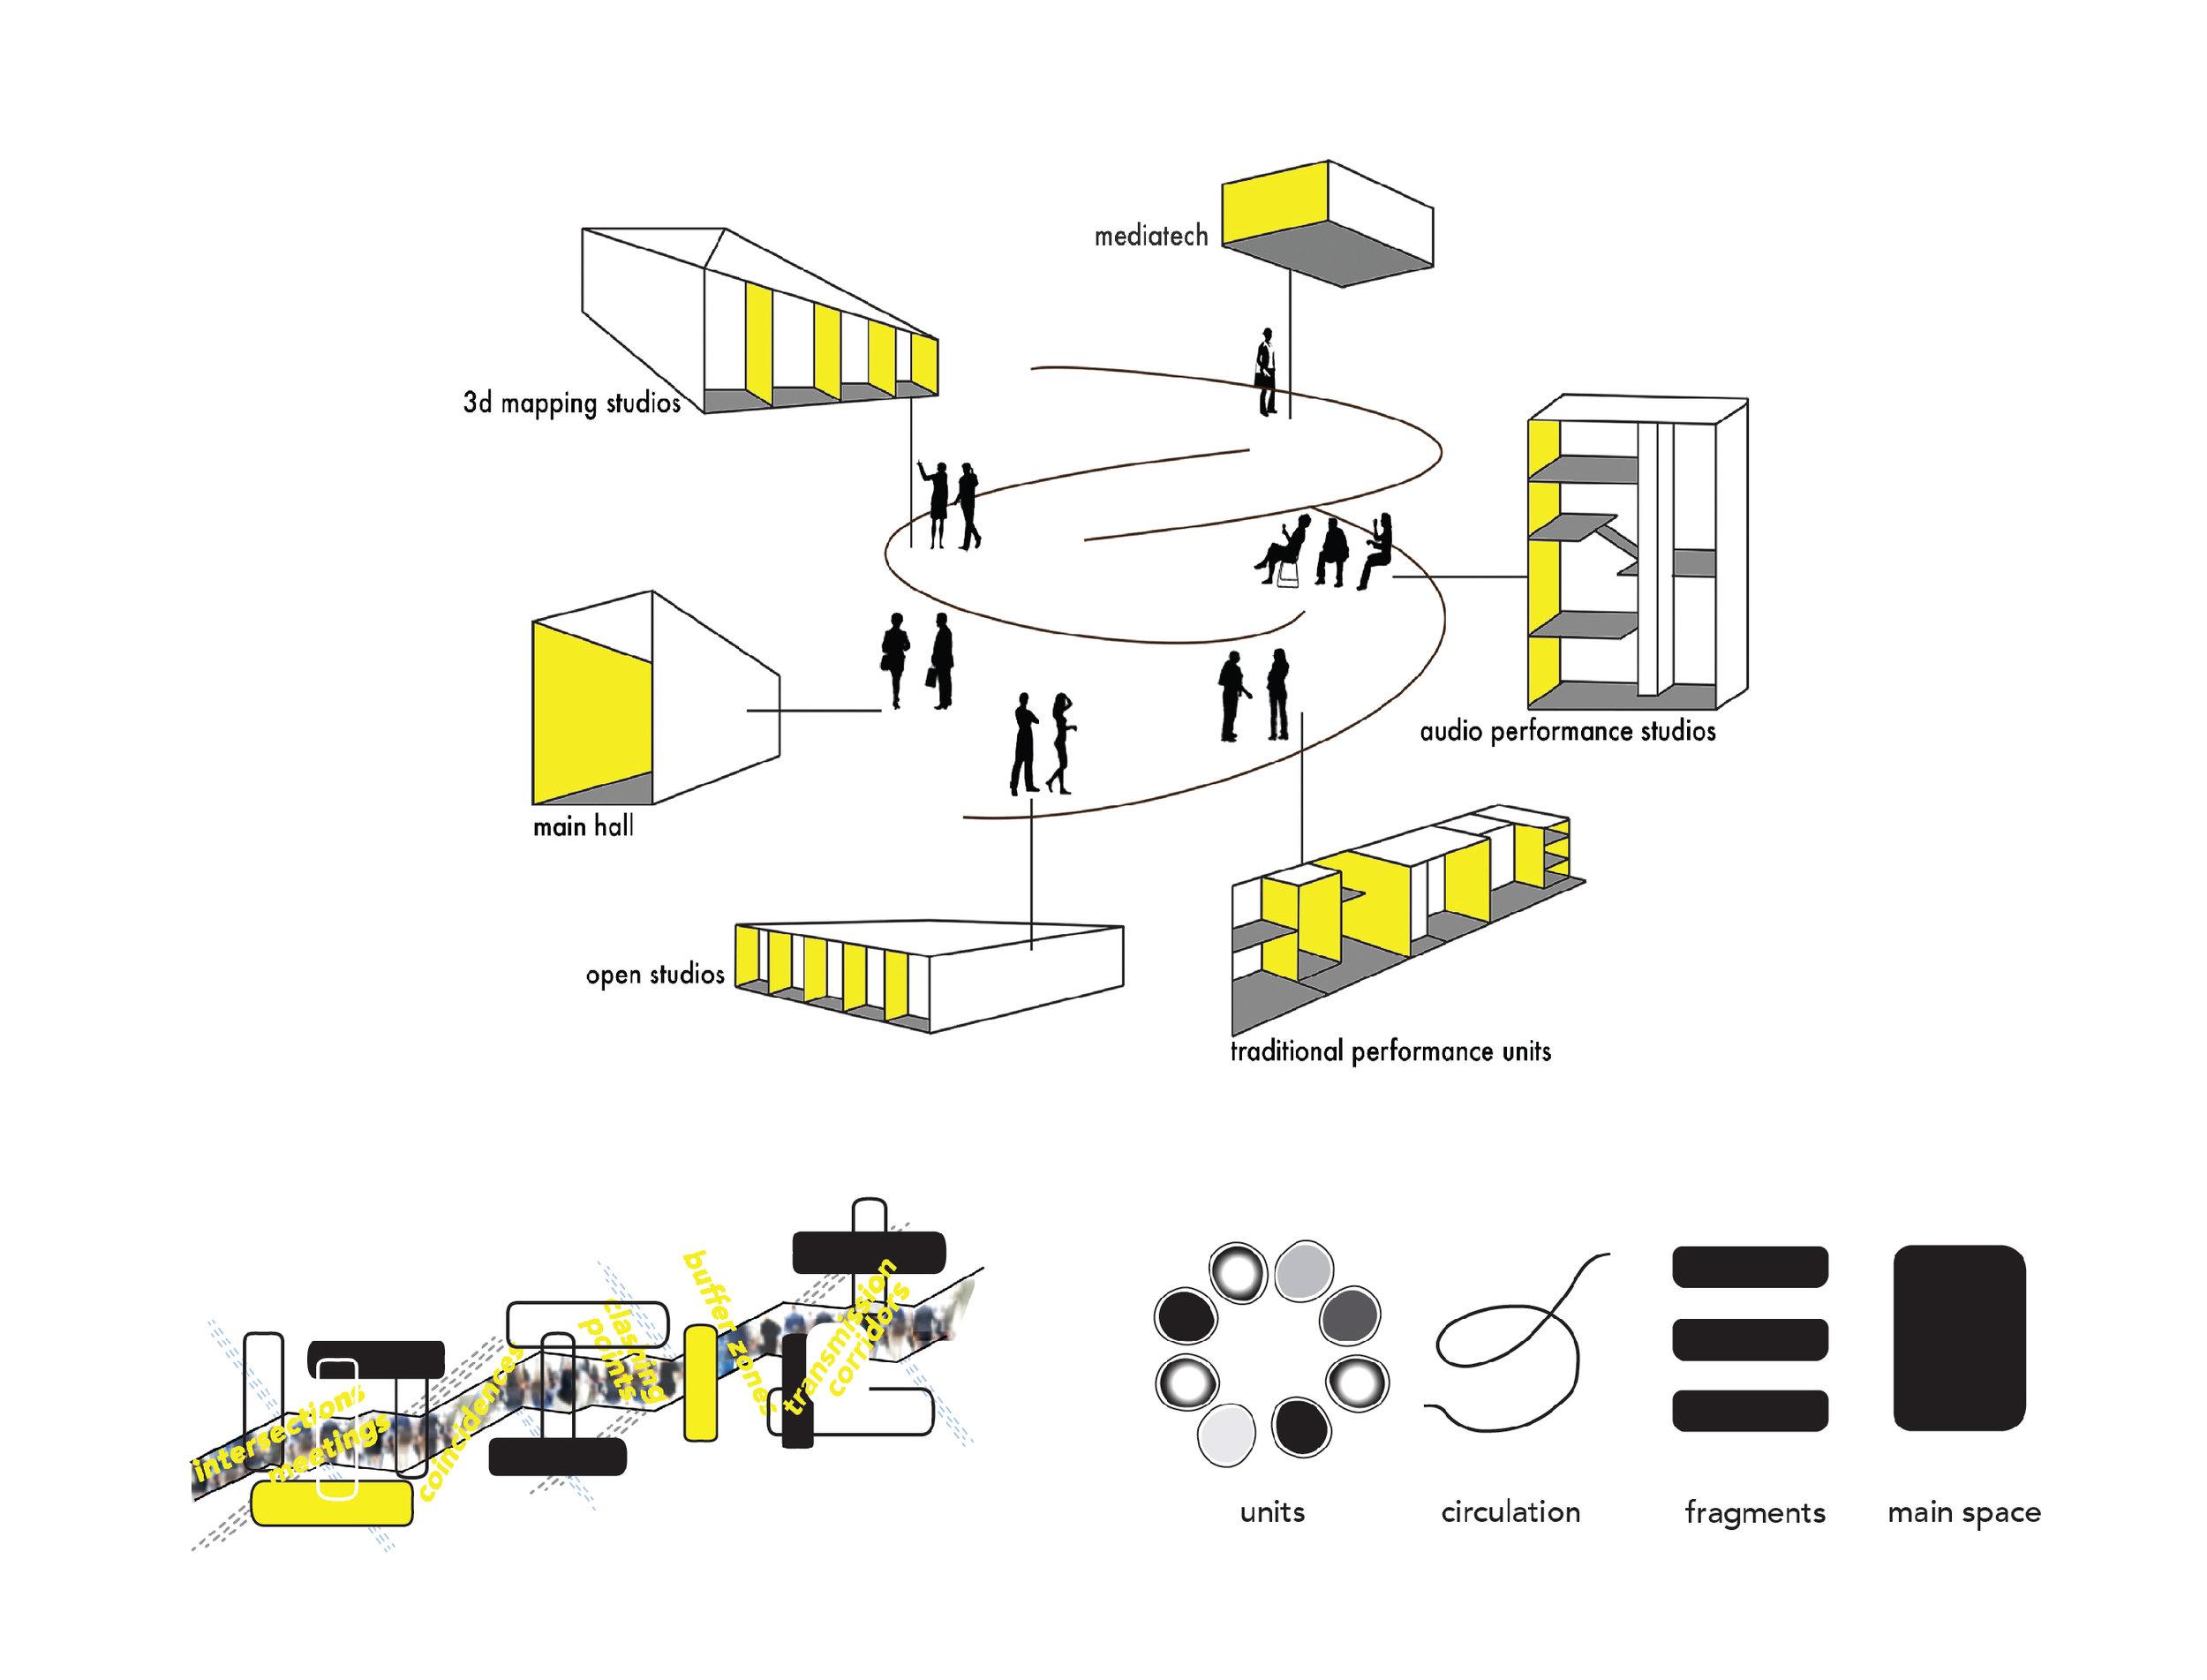 effectus-diagram-10.jpg